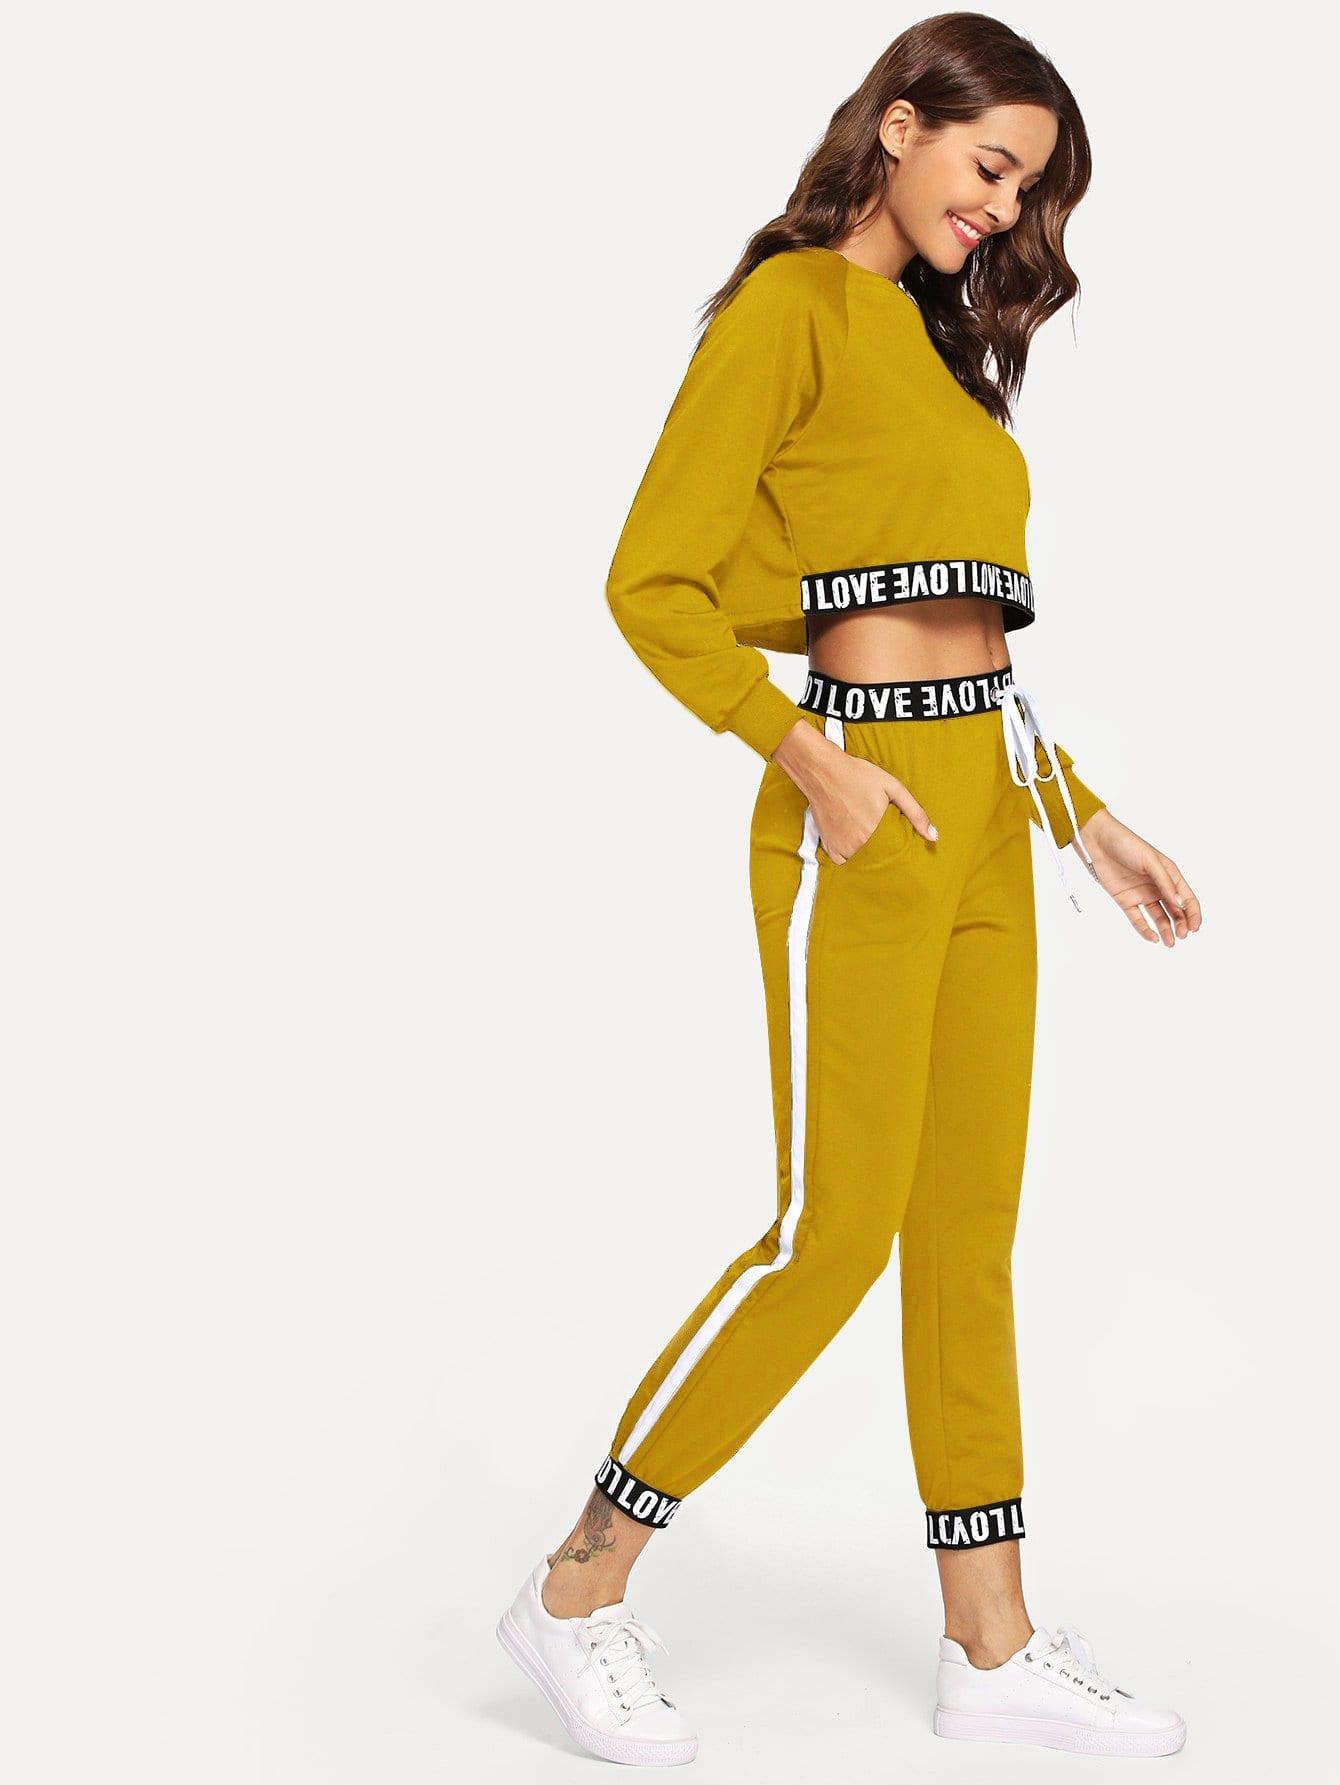 Купить Контрастная блуза в полоску с текстовым принтом и брюки, Giulia, SheIn